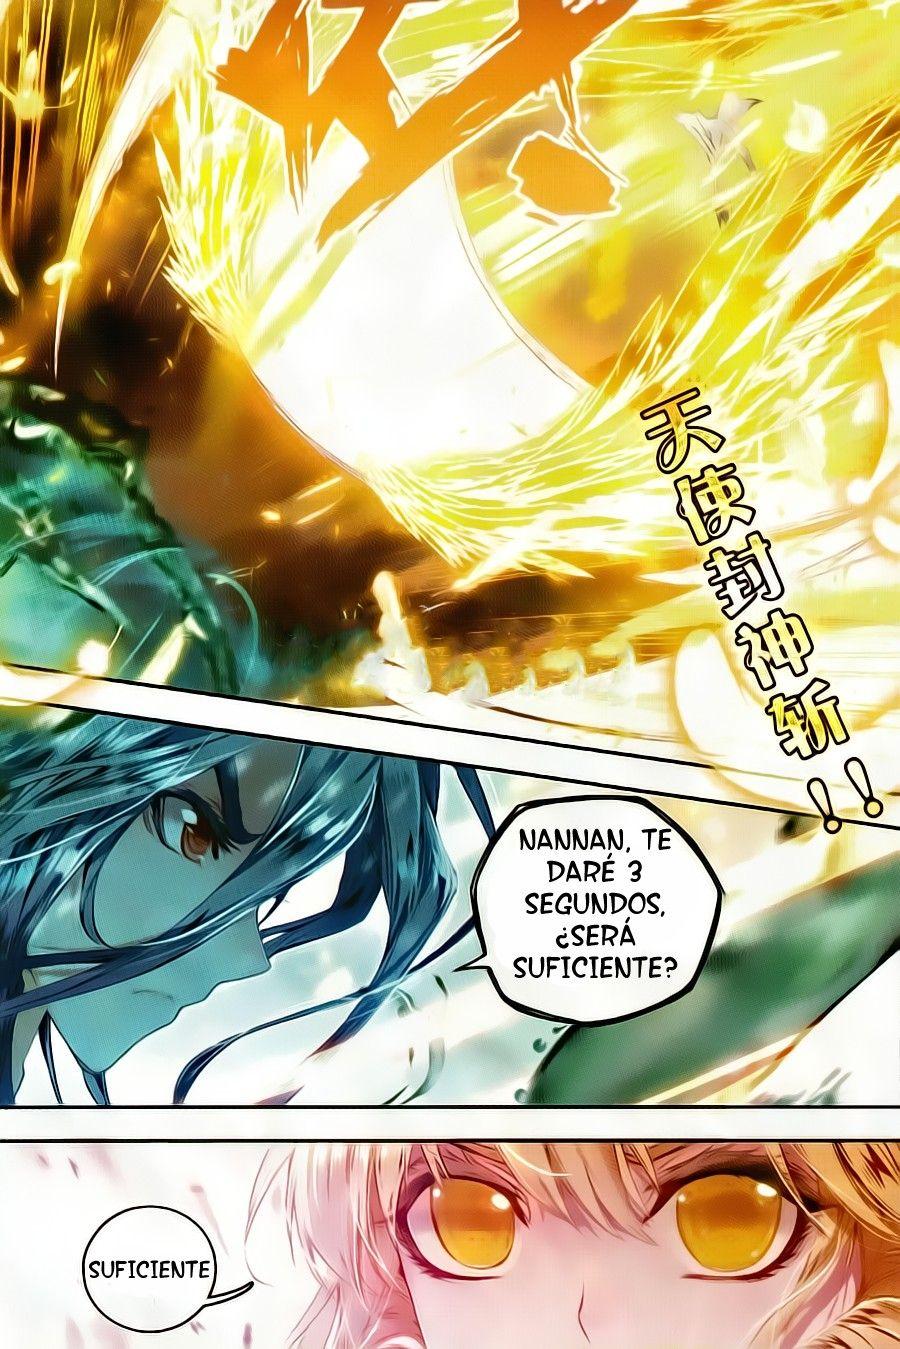 http://c5.ninemanga.com/es_manga/33/16417/463626/f2a4a21456fe5a4bfd3059fa3676a469.jpg Page 5